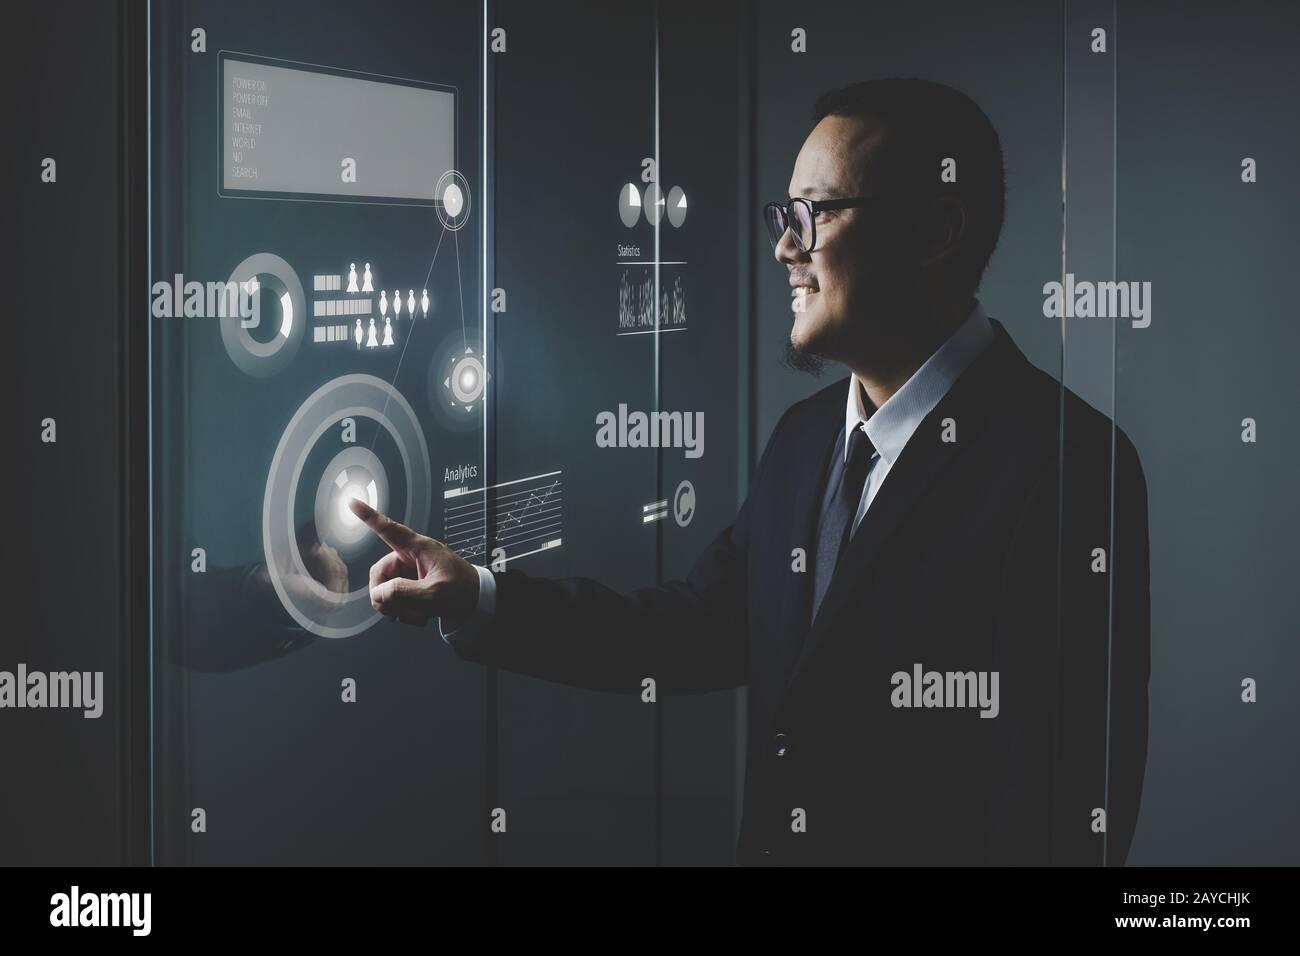 Homme d'affaires intelligent en utilisant les technologies modernes de l'analyste marketing et finance, de plus en plus d'affaires. Banque D'Images